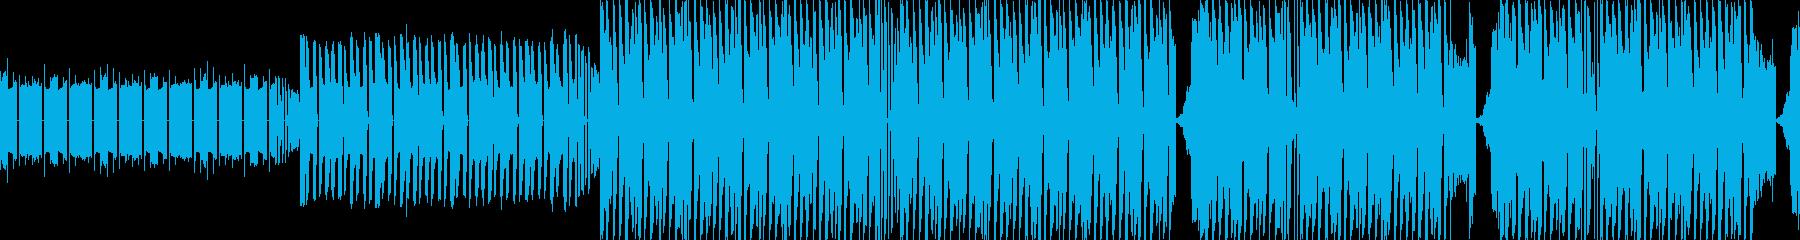 【ほのぼのクイズ考え中エレクトロニカ】の再生済みの波形